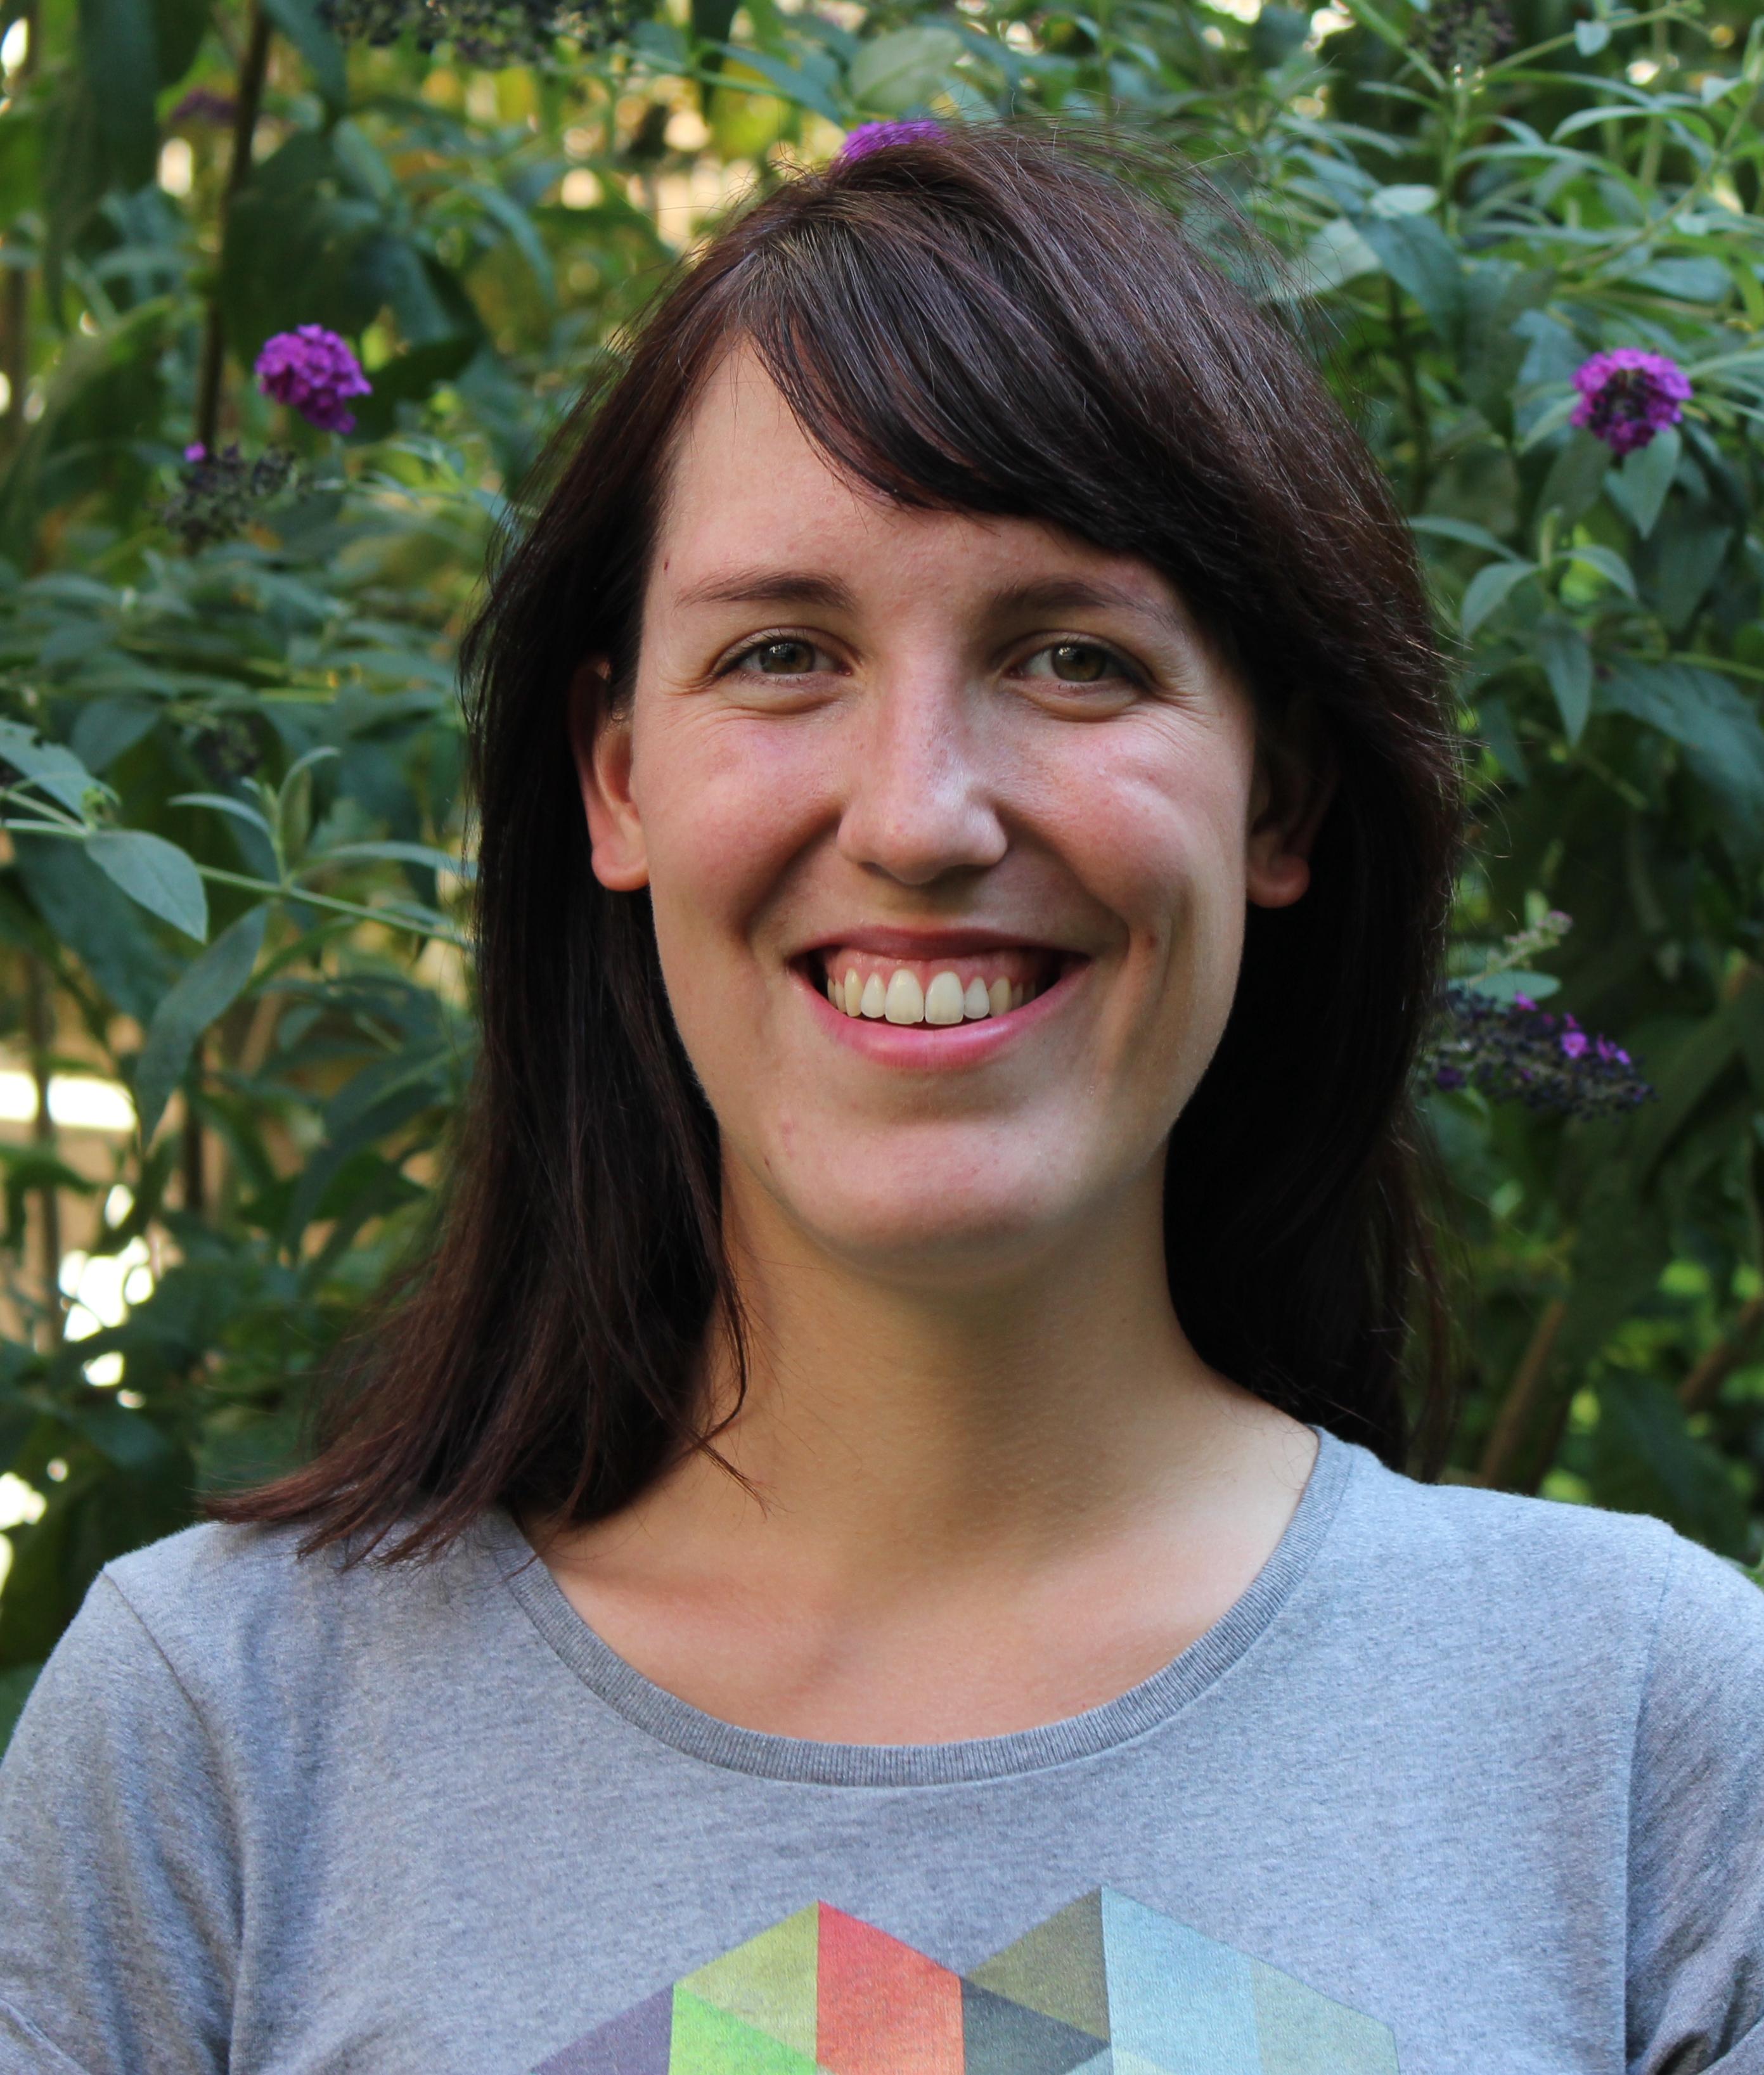 Clarissa Böck, Bezirksrätin, Sucht- und Drogenbeauftragte